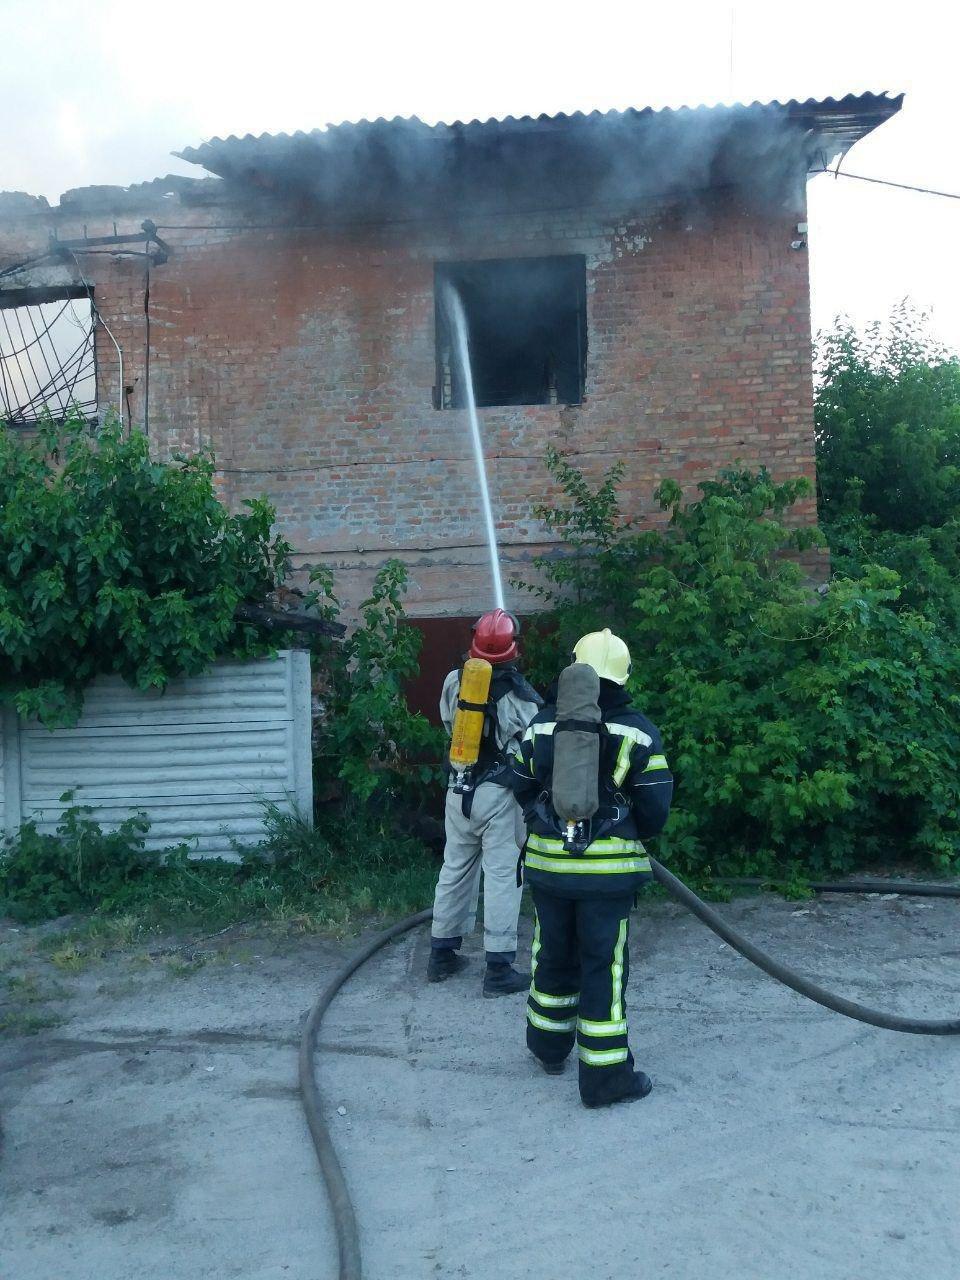 Кіровоградська область: вогнеборці загасили пожежу нежитлової будівлі (ФОТО), фото-3